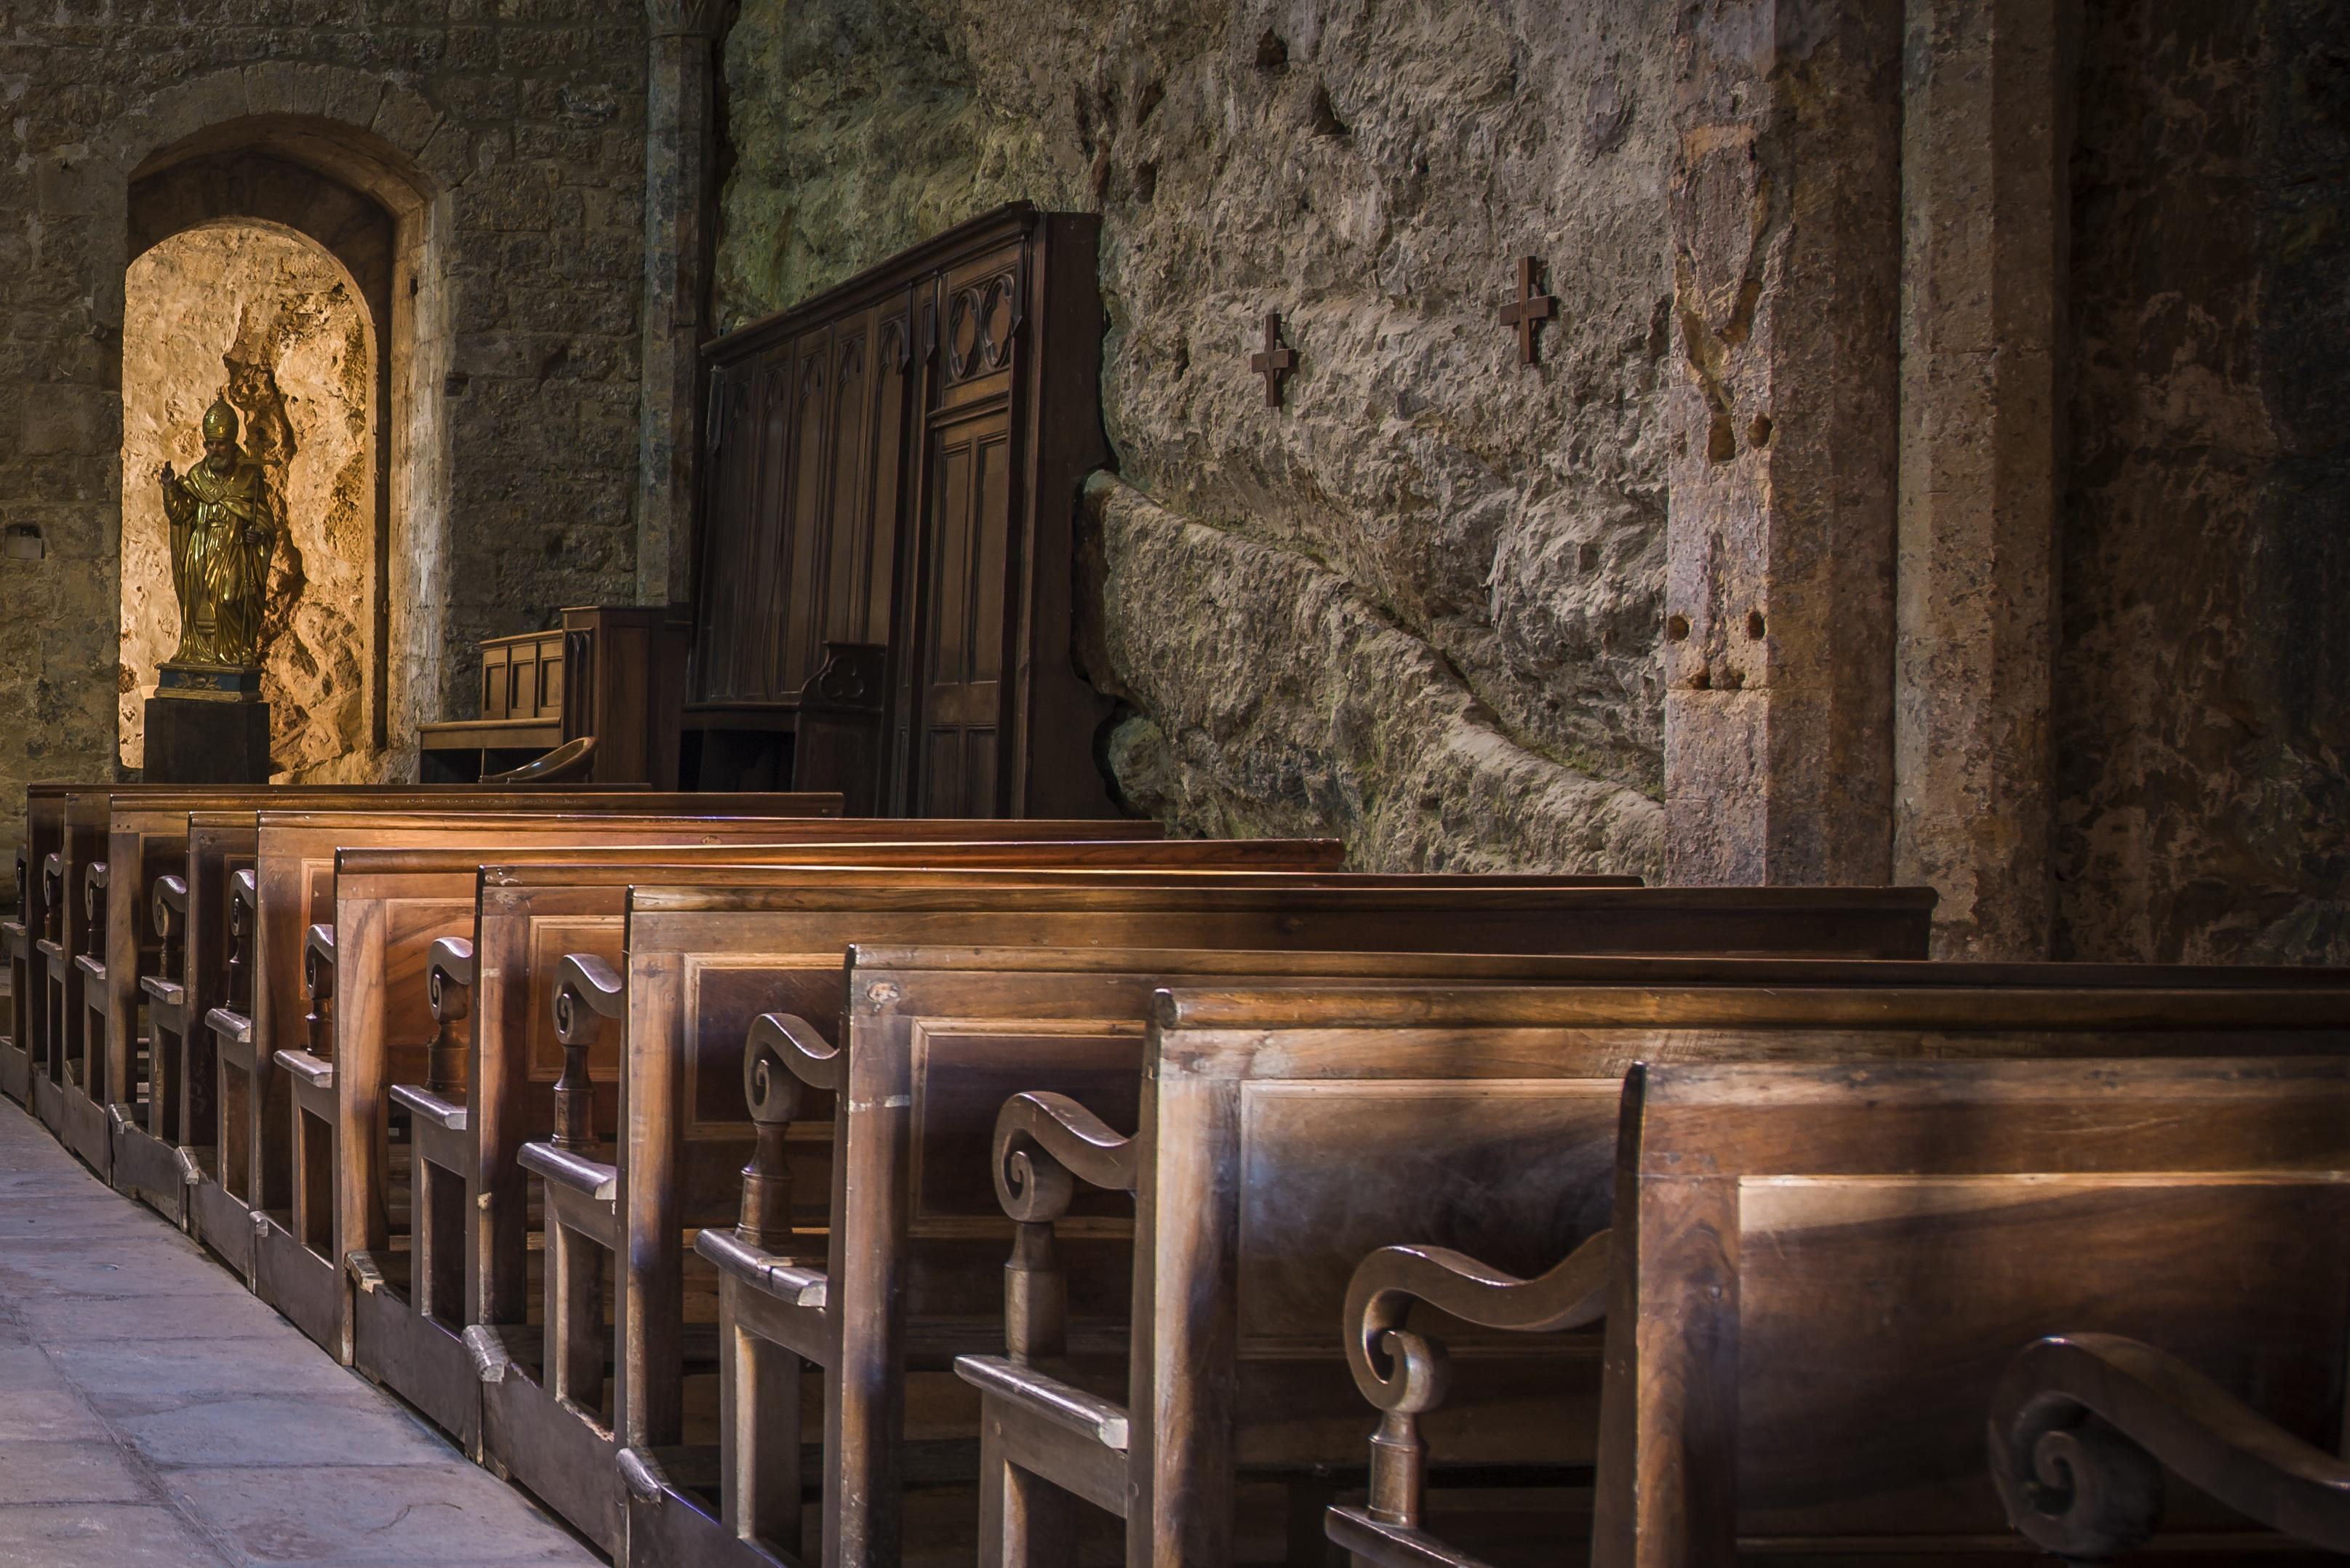 Innenarchitektur Geschichte kostenlose foto holz mauer religion kapelle bank